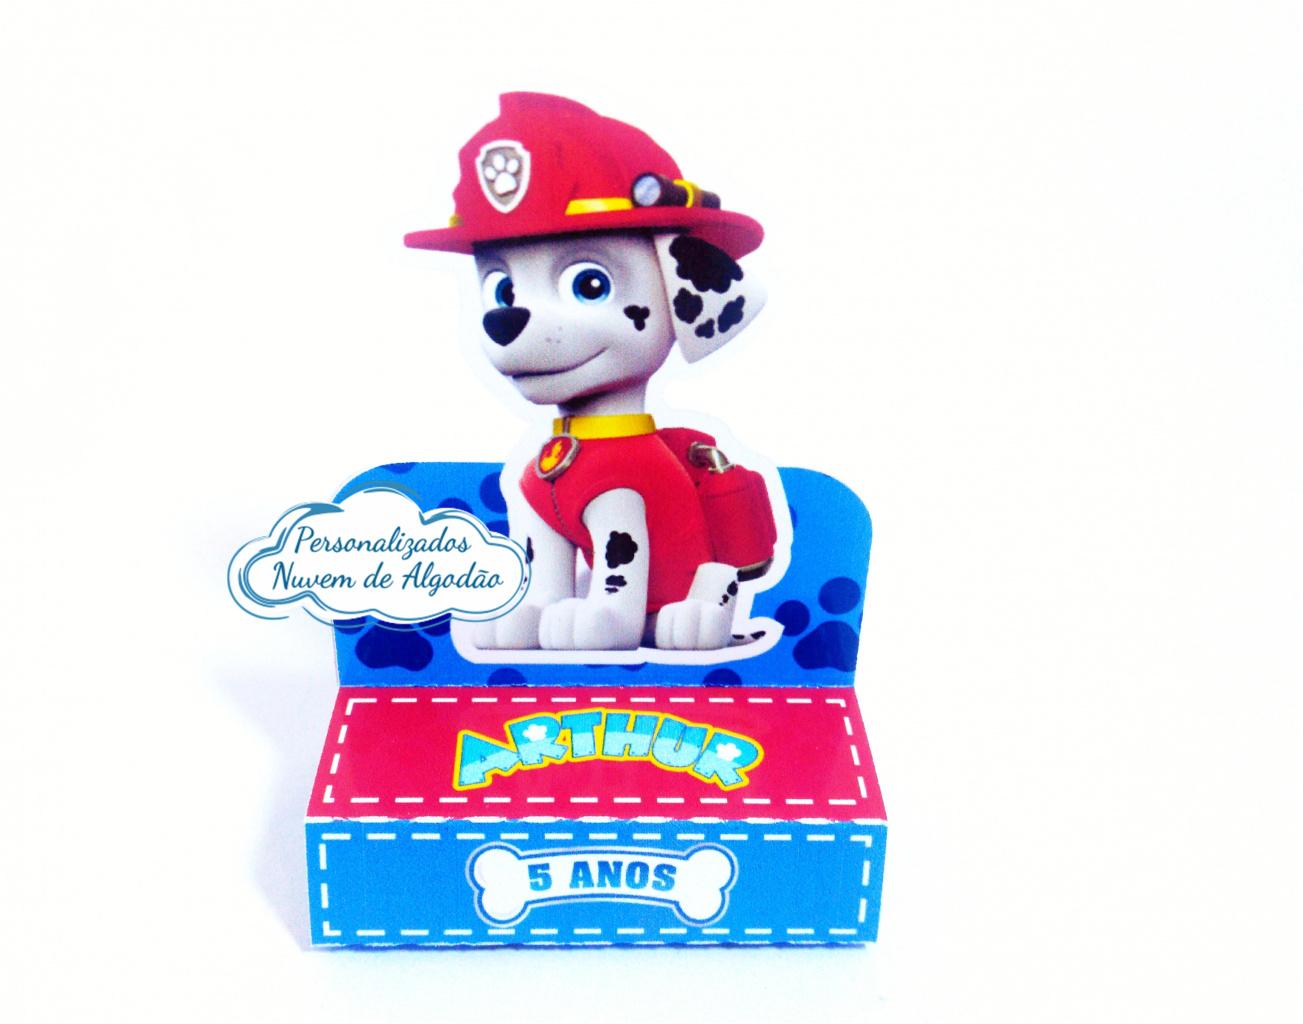 Nuvem de algodão personalizados - Porta bis duplo Patrulha Canina